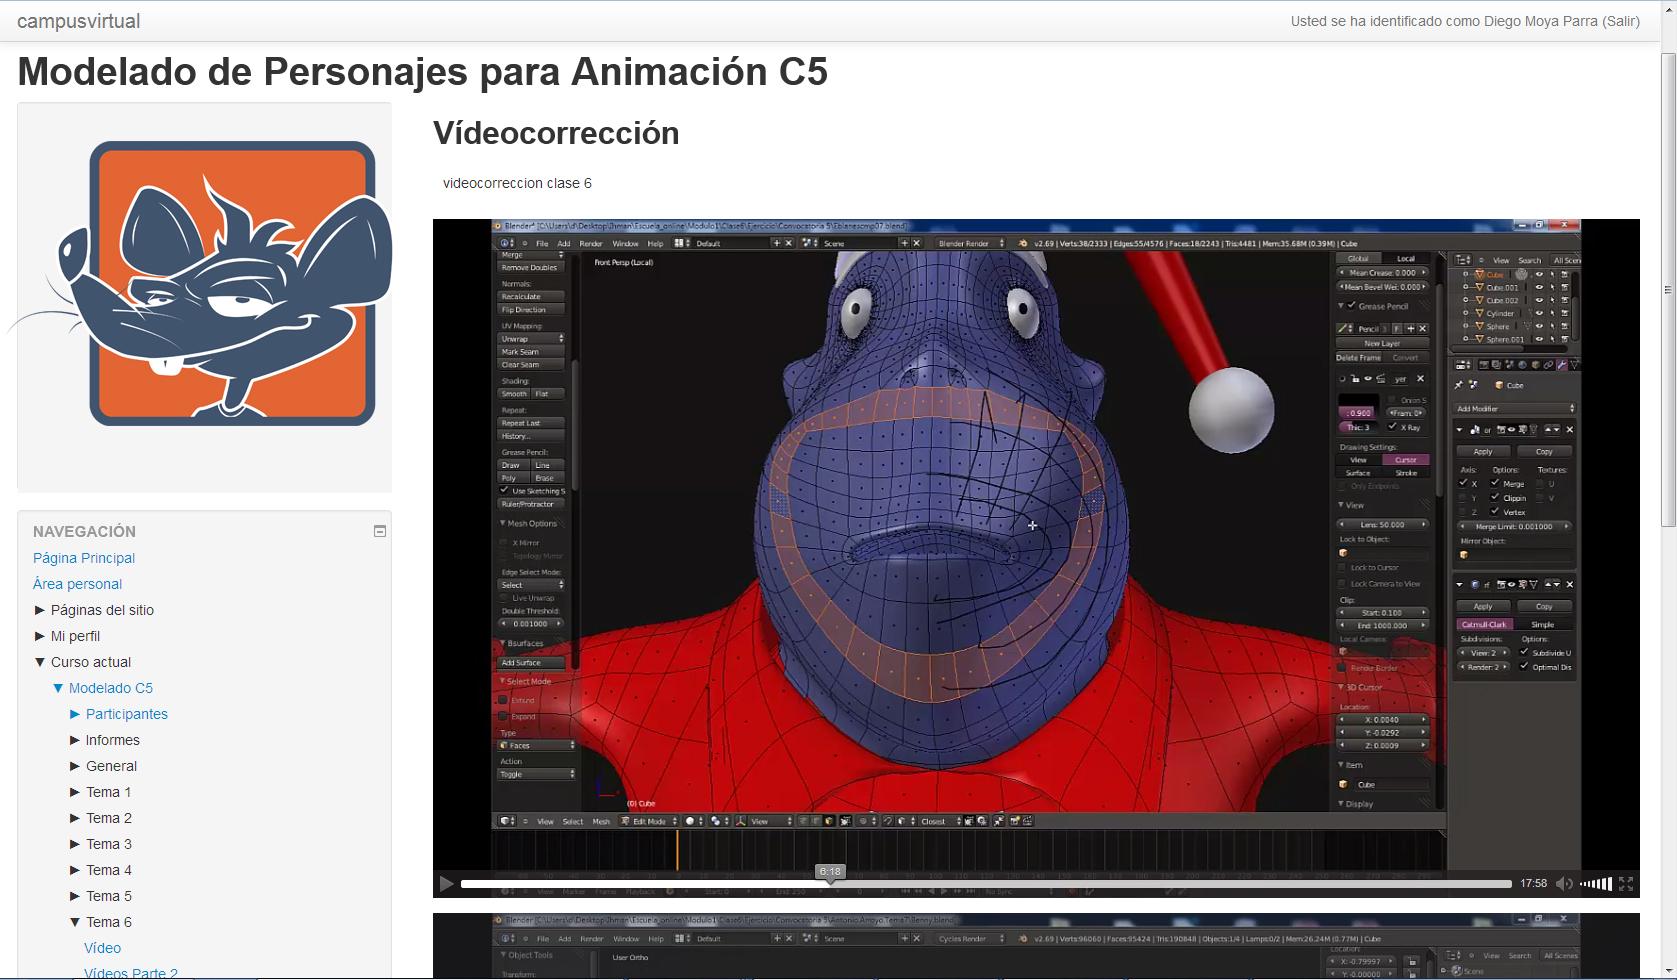 Presentación ihman 3d school-videocorrecciones.jpg